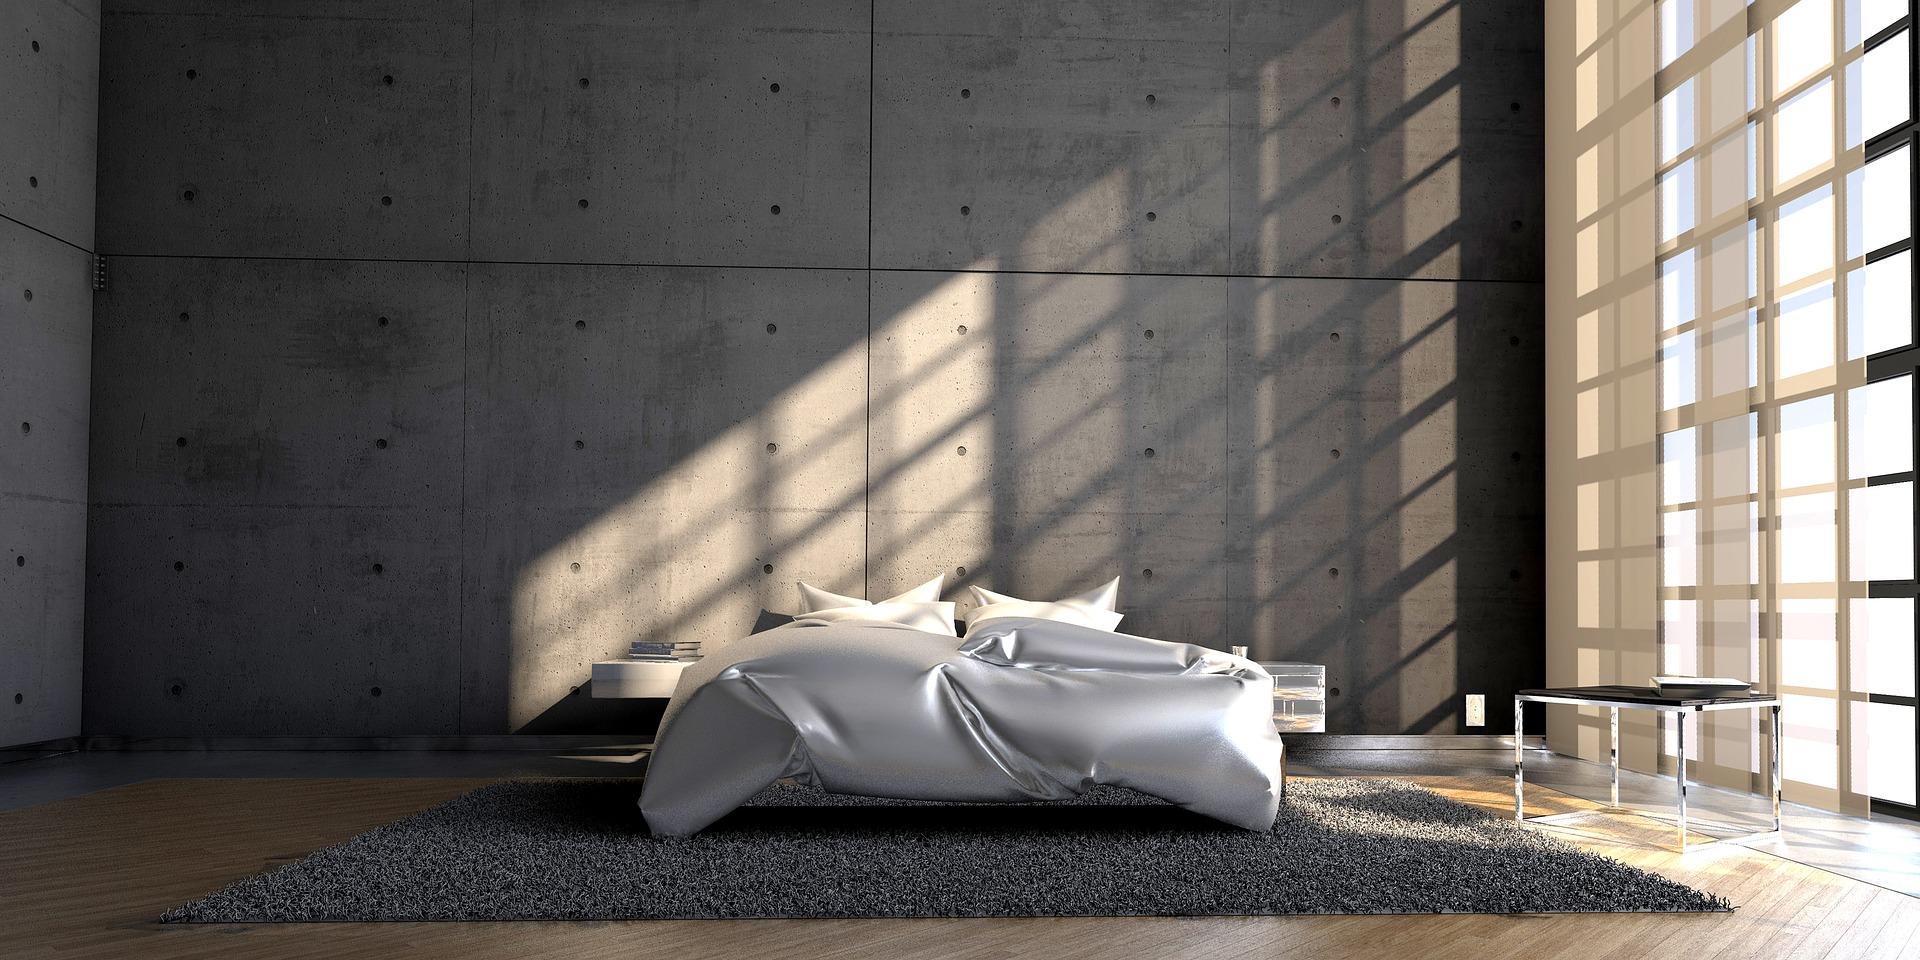 Beton – Baustoff und ästhetische Raumgestaltung